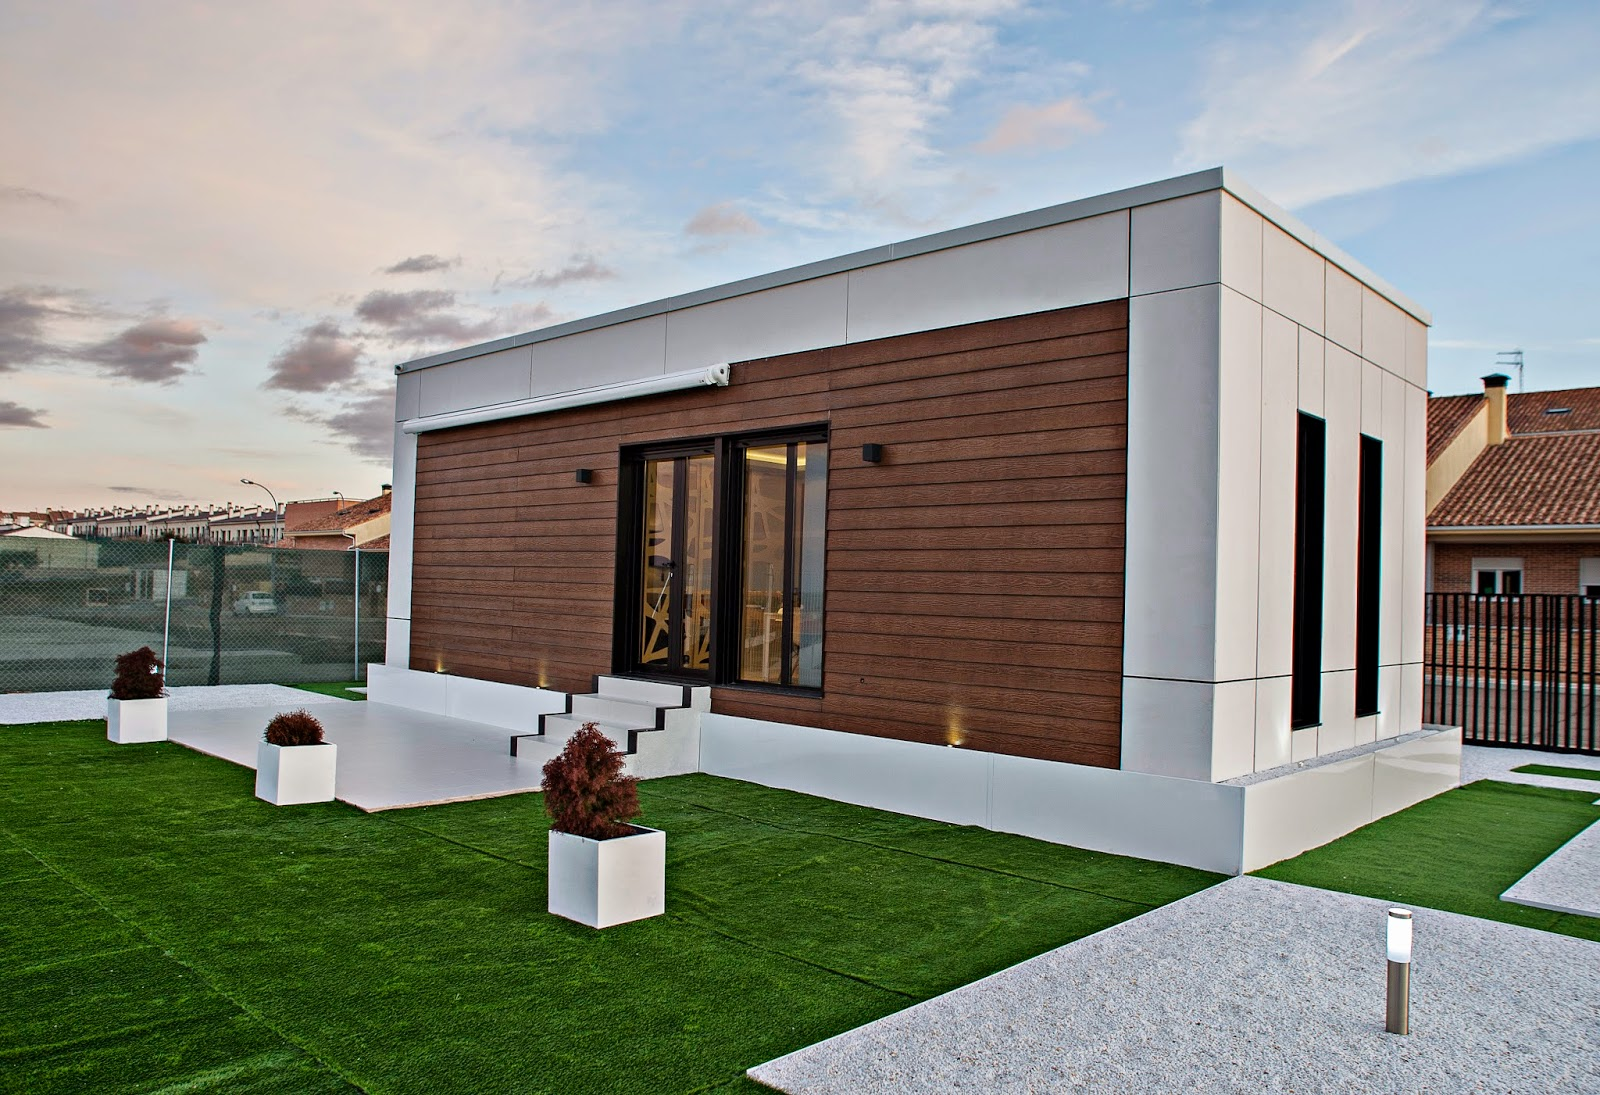 Vivienda modular modelo loft Resan